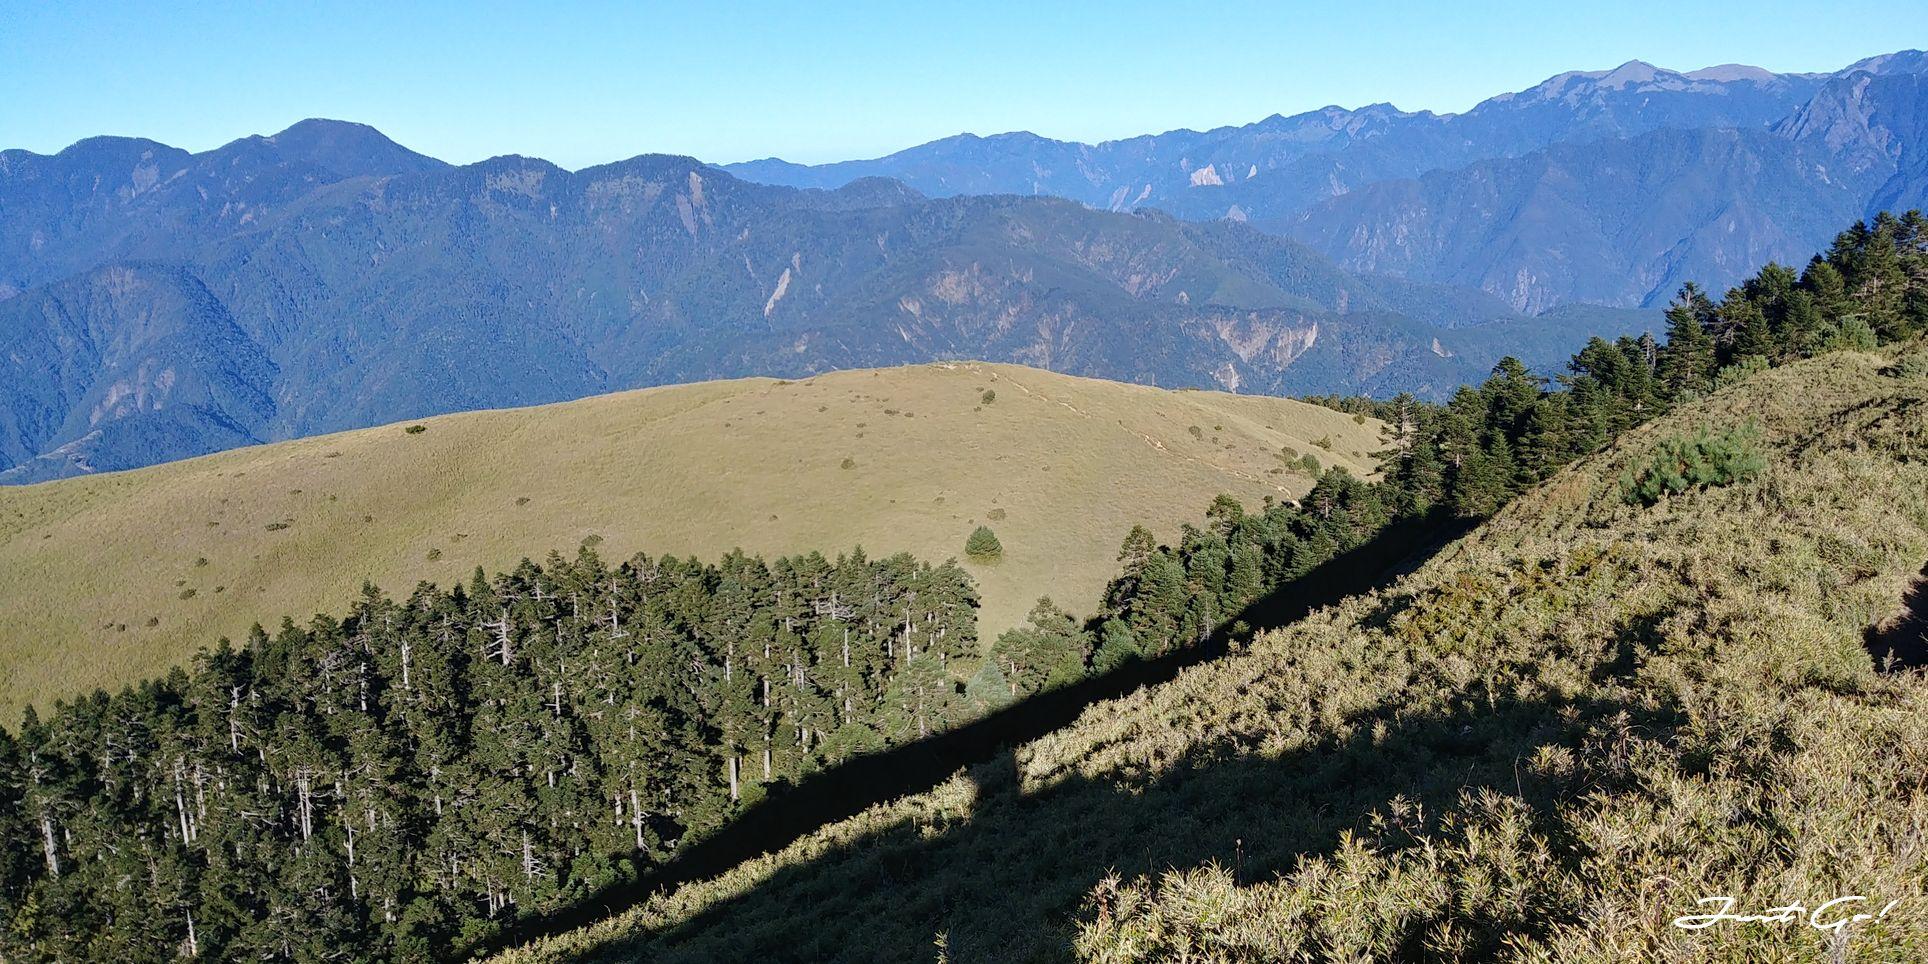 一日百岳·9小時單攻合歡西峰北峰-地圖gpx、行程規劃、申請、登山口14